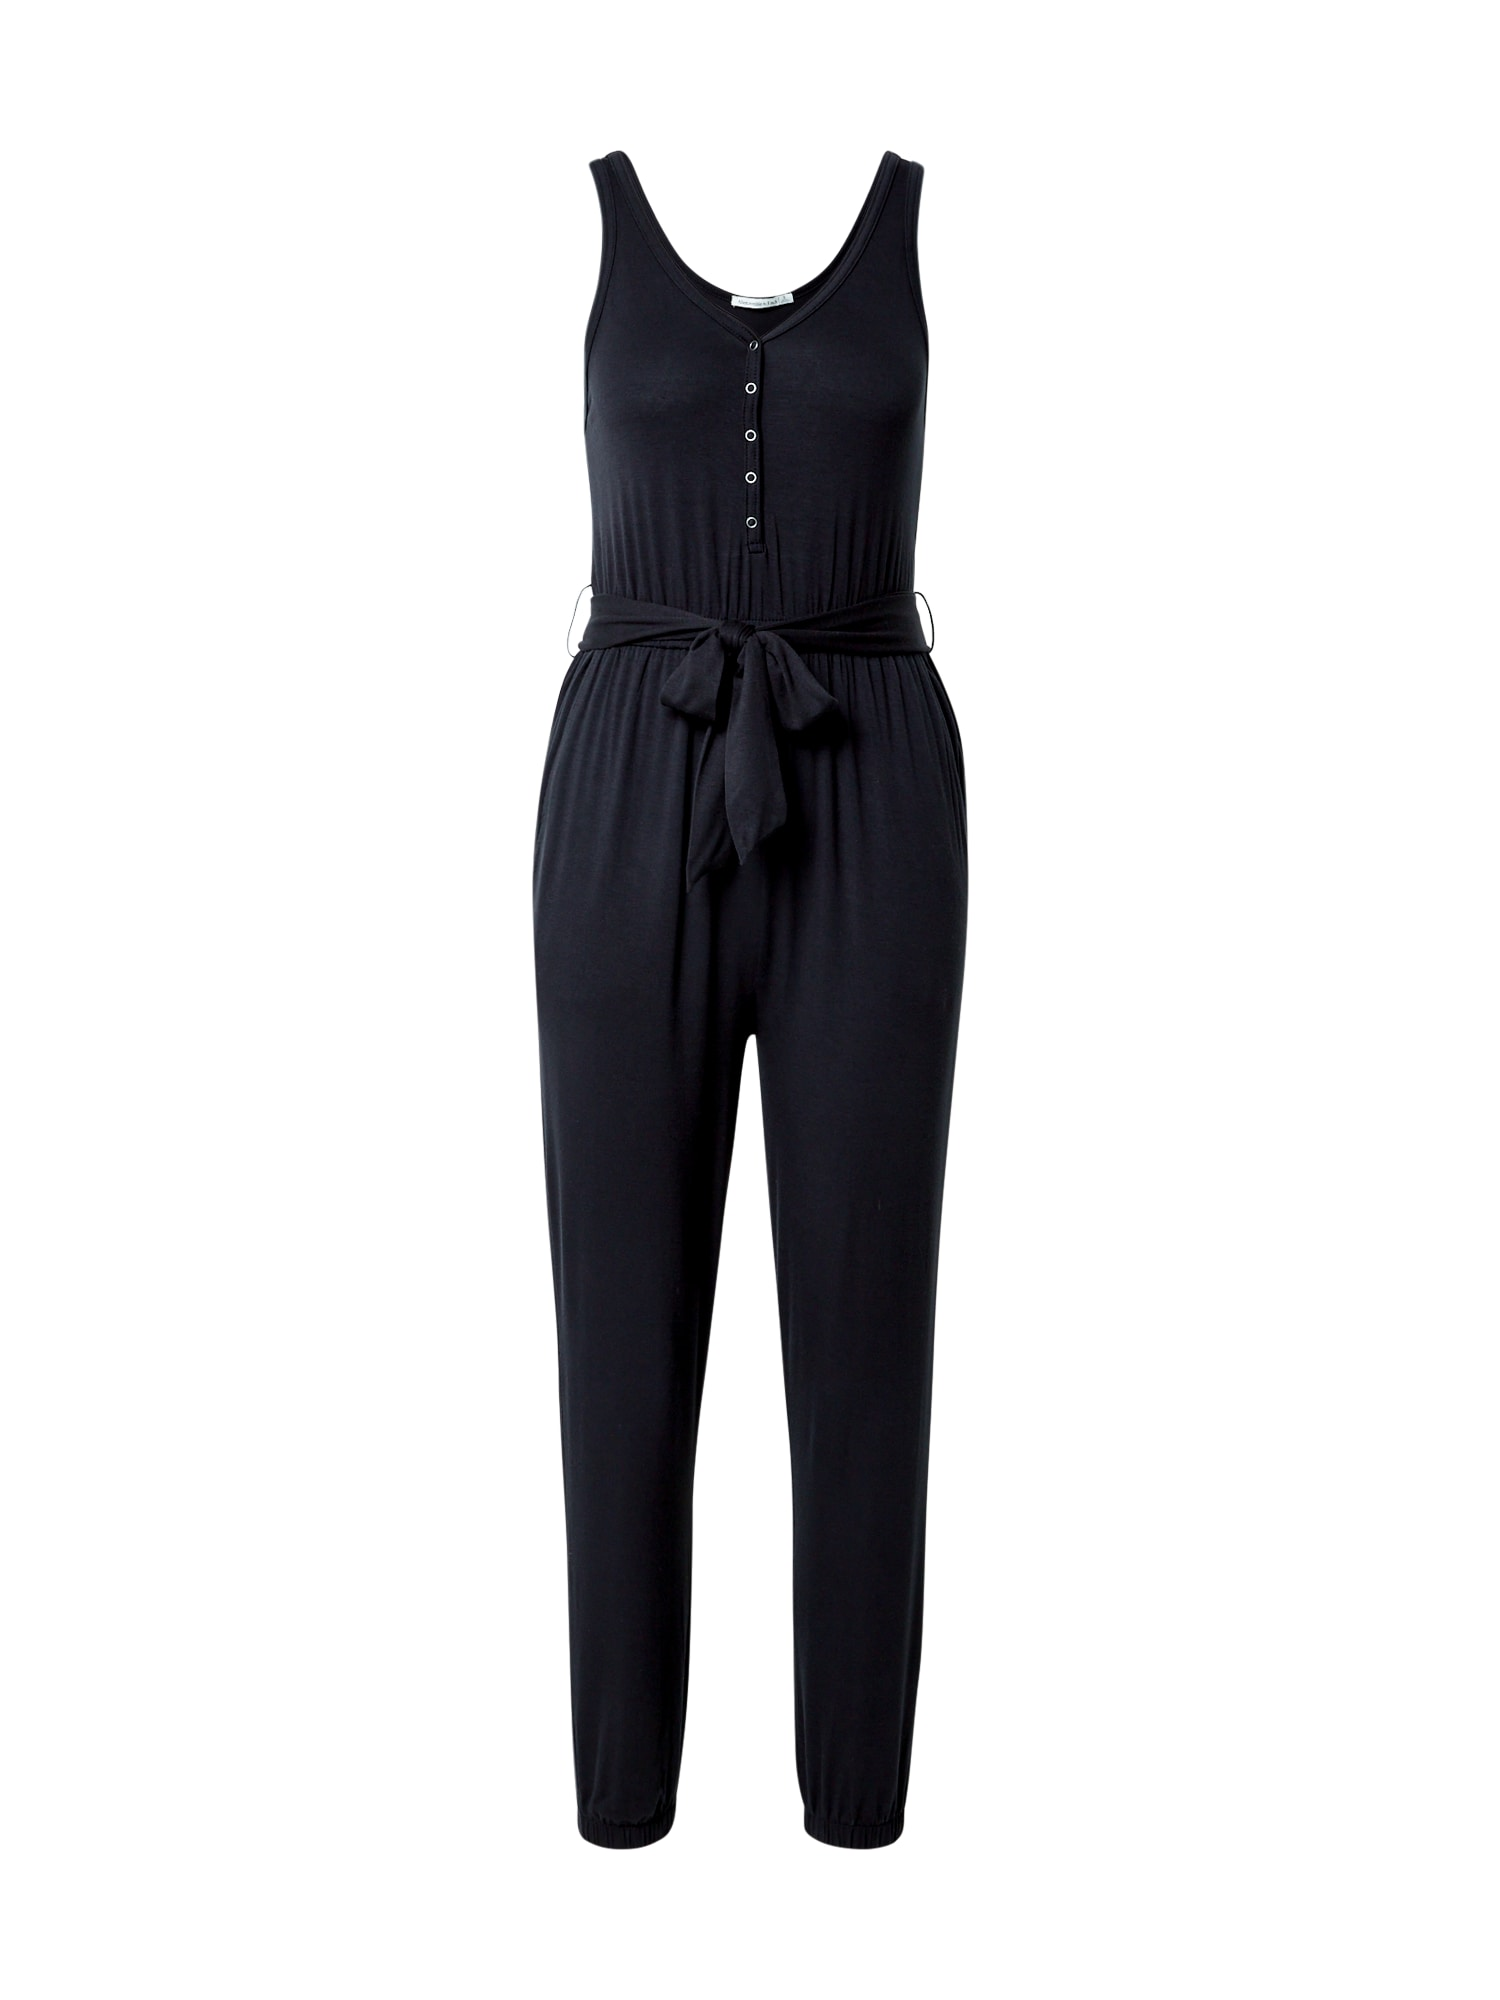 Abercrombie & Fitch Vienos dalies kostiumas juoda